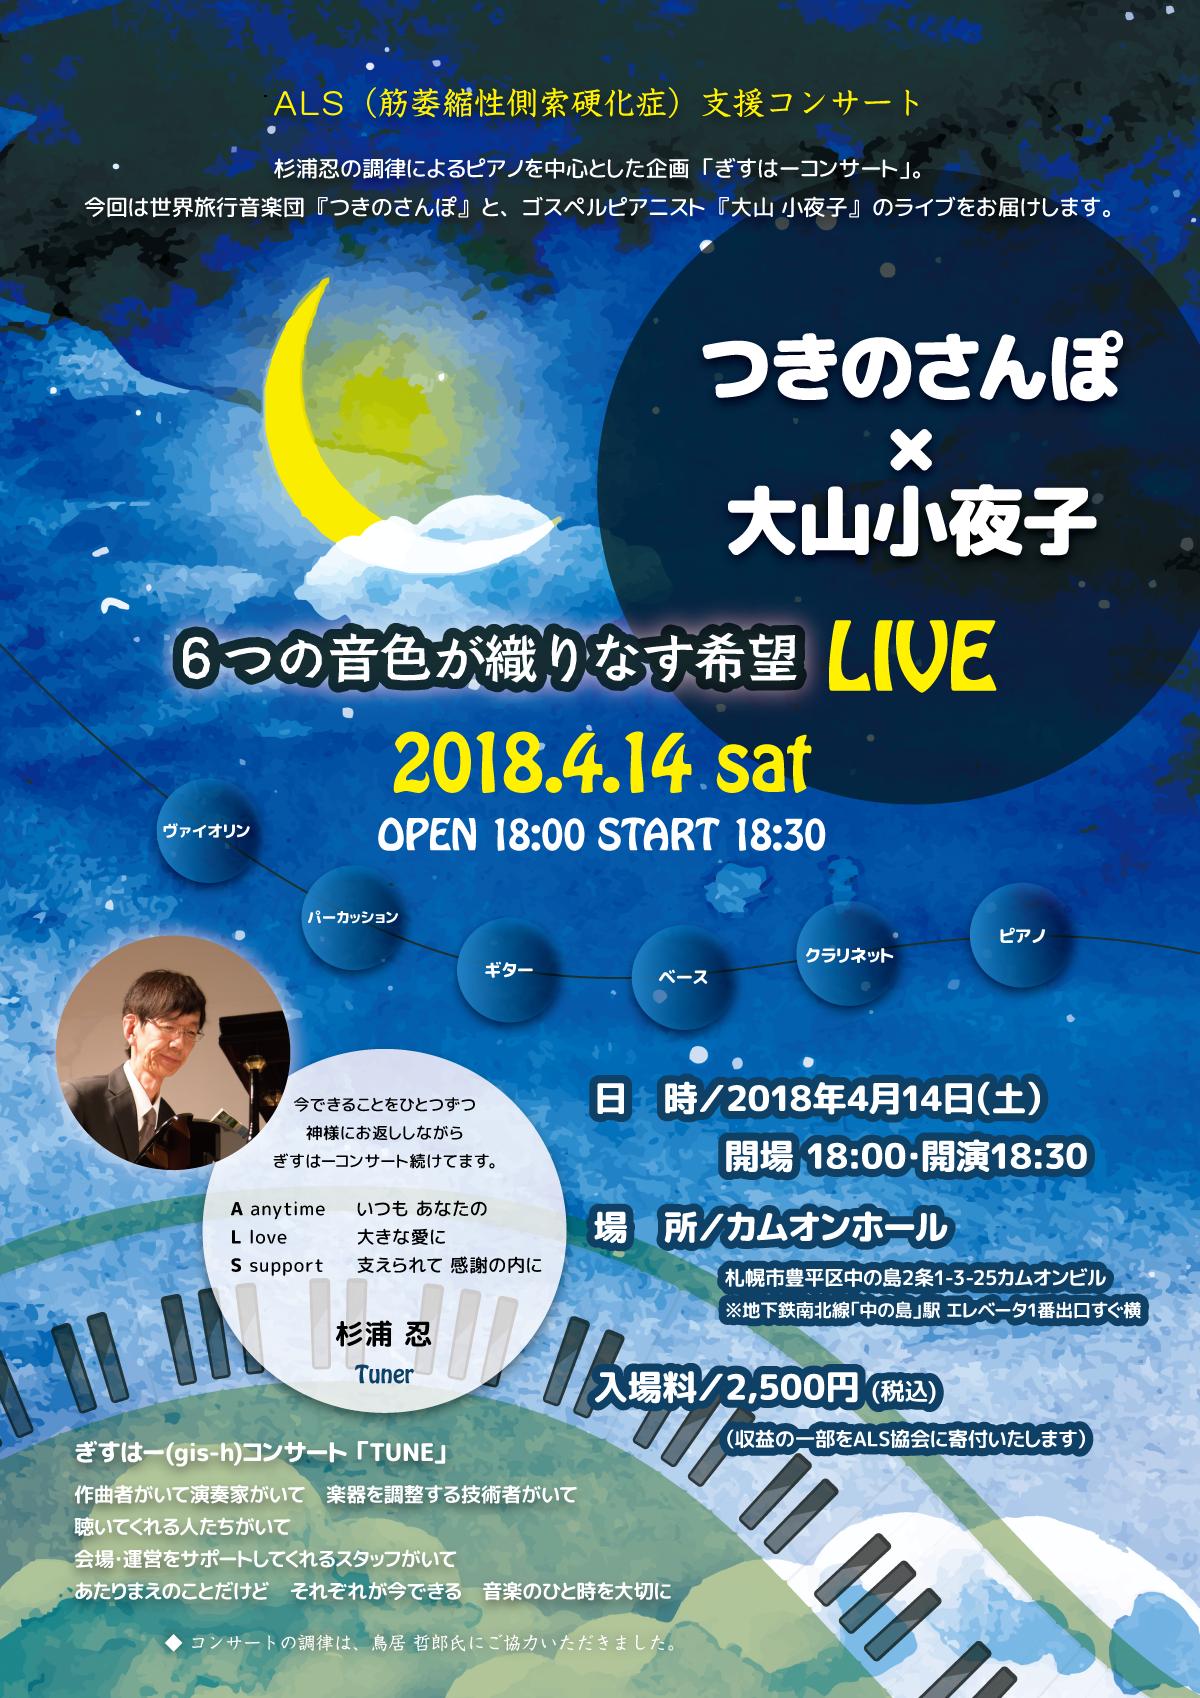 【終了】[2018.4.14 SAT] ALS支援コンサート・つきのさんぽ×大山小夜子LIVE